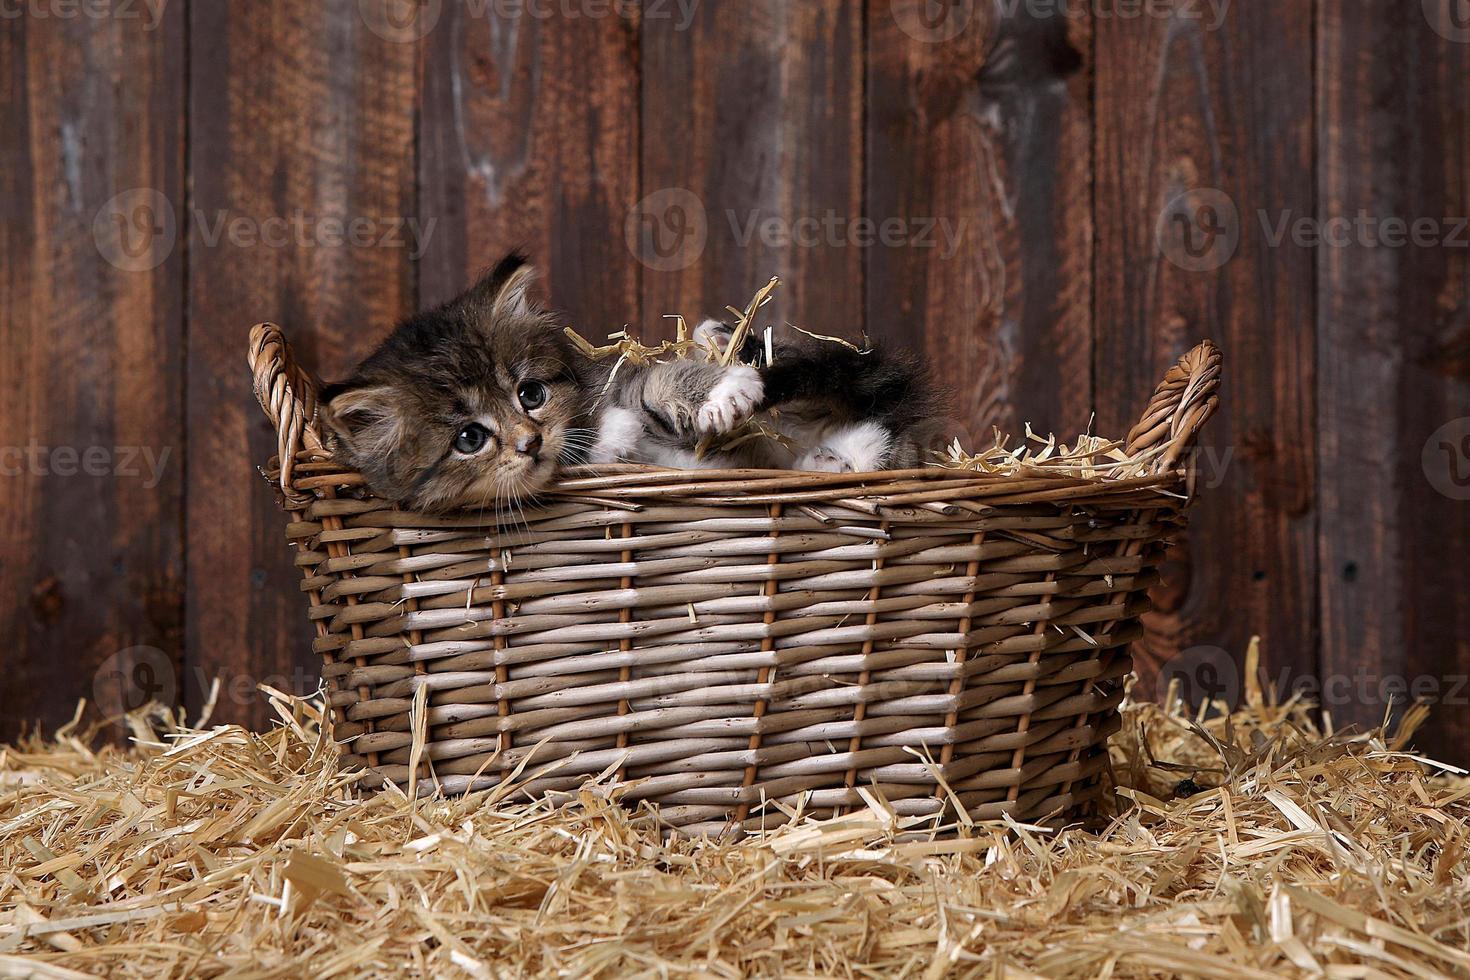 simpatico gattino con paglia in un fienile foto